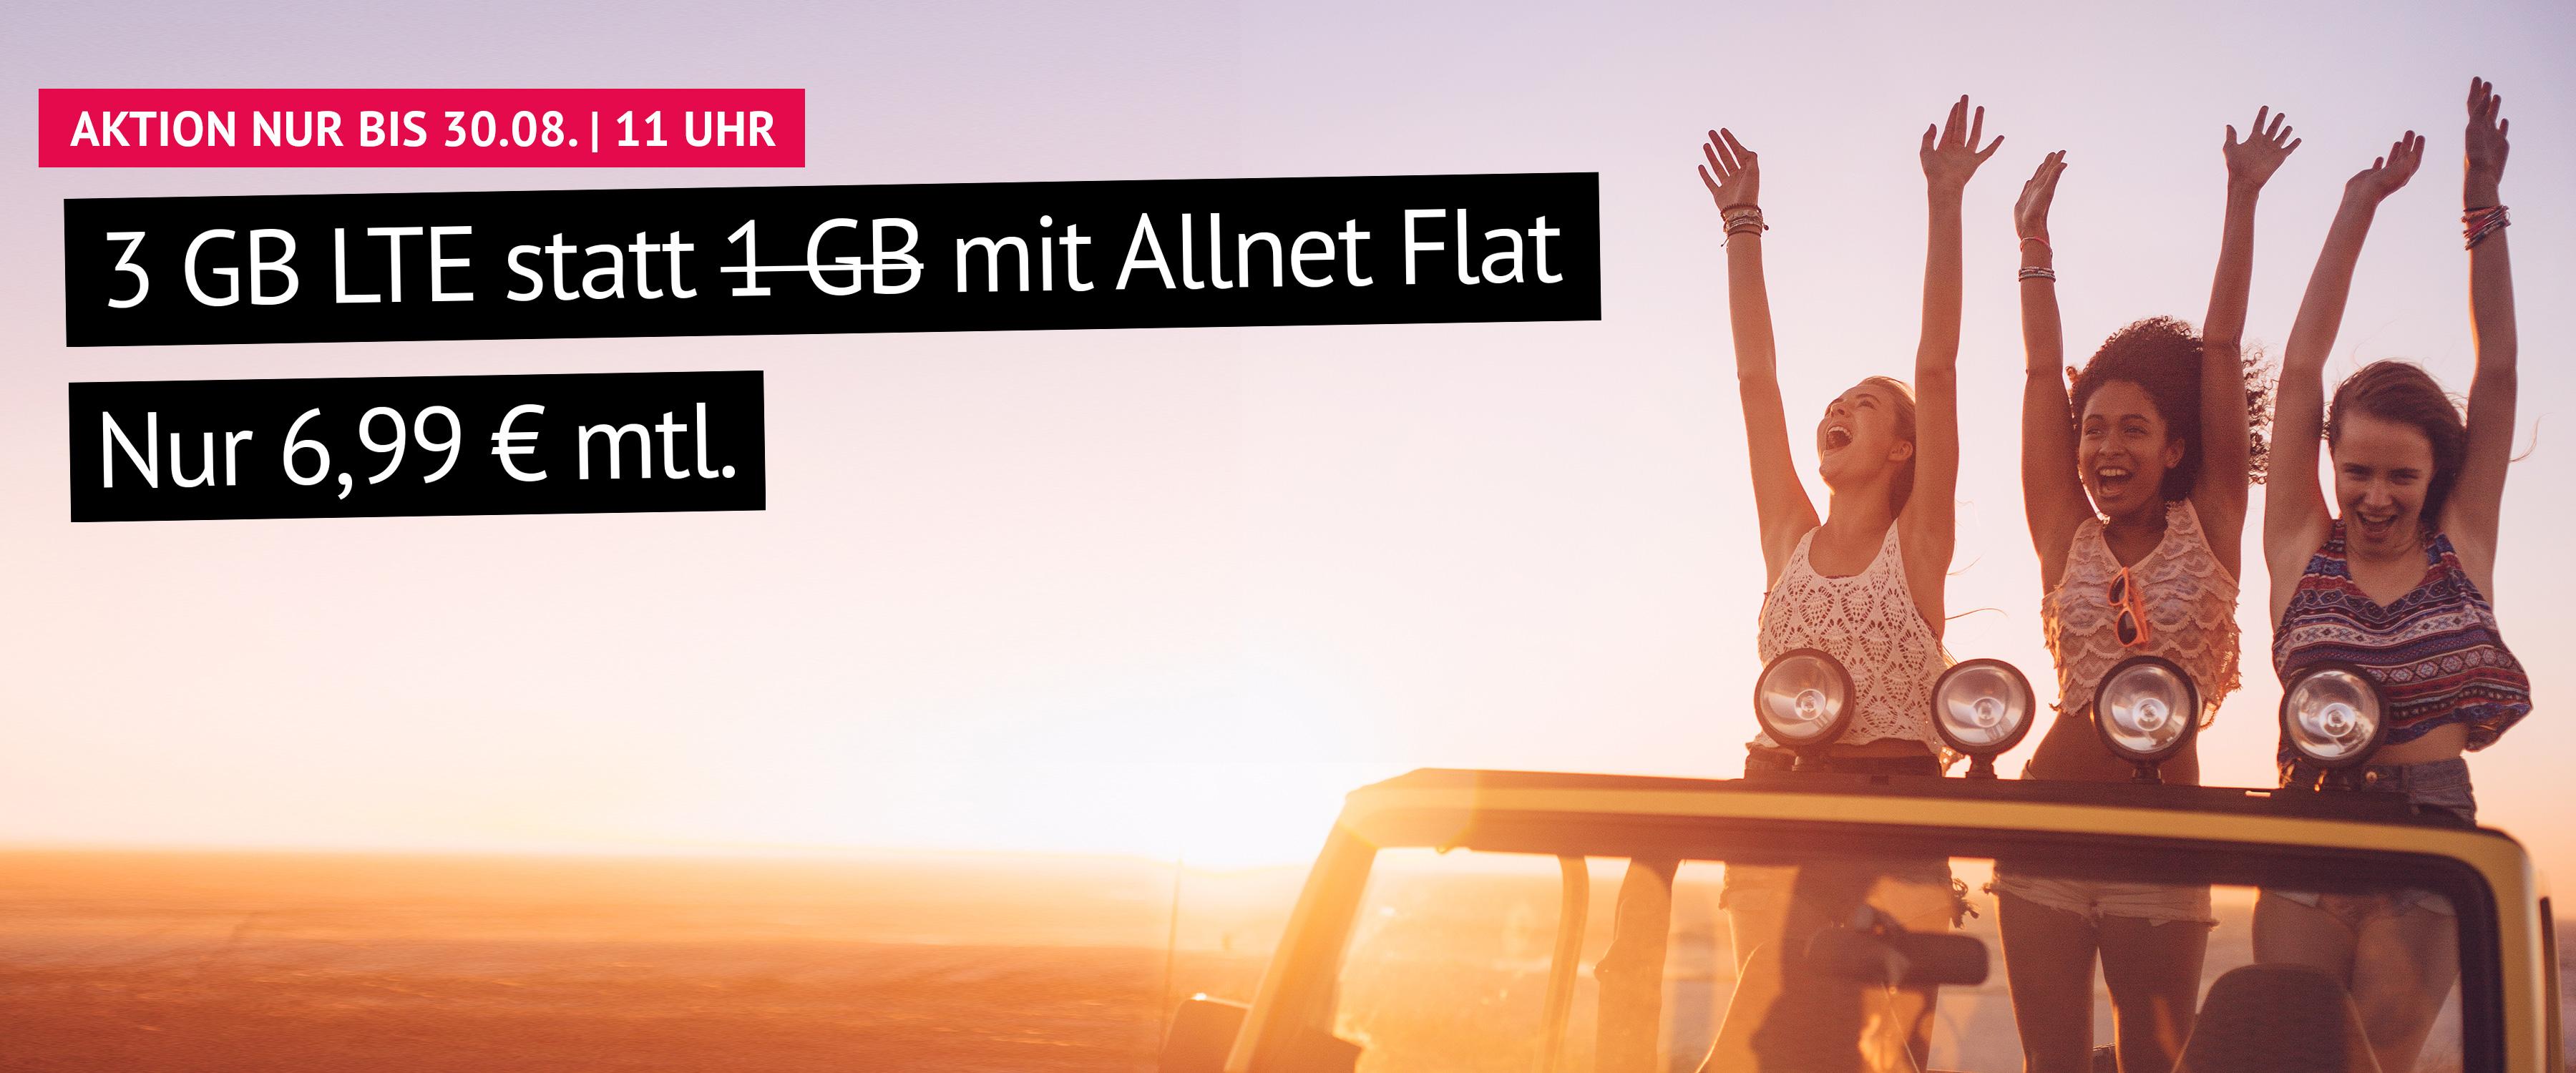 Aktion: 3 GB LTE statt 1 GB mit Allnet Flat